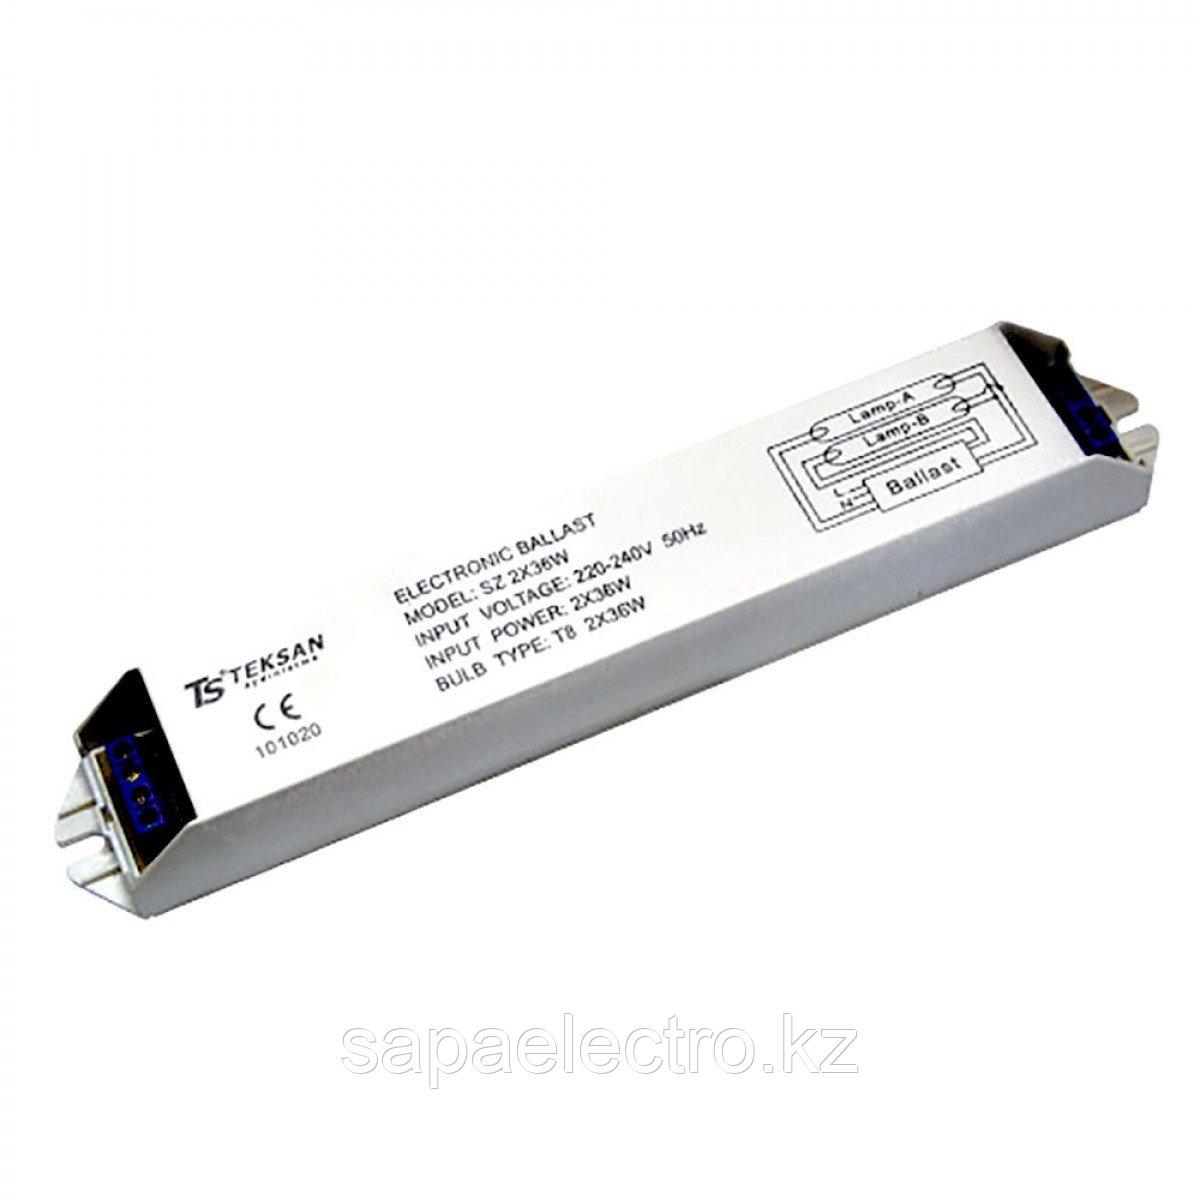 """Drossel"""" ELECTRONIC BALLAST 2X36Wparallel""""(TS)100"""